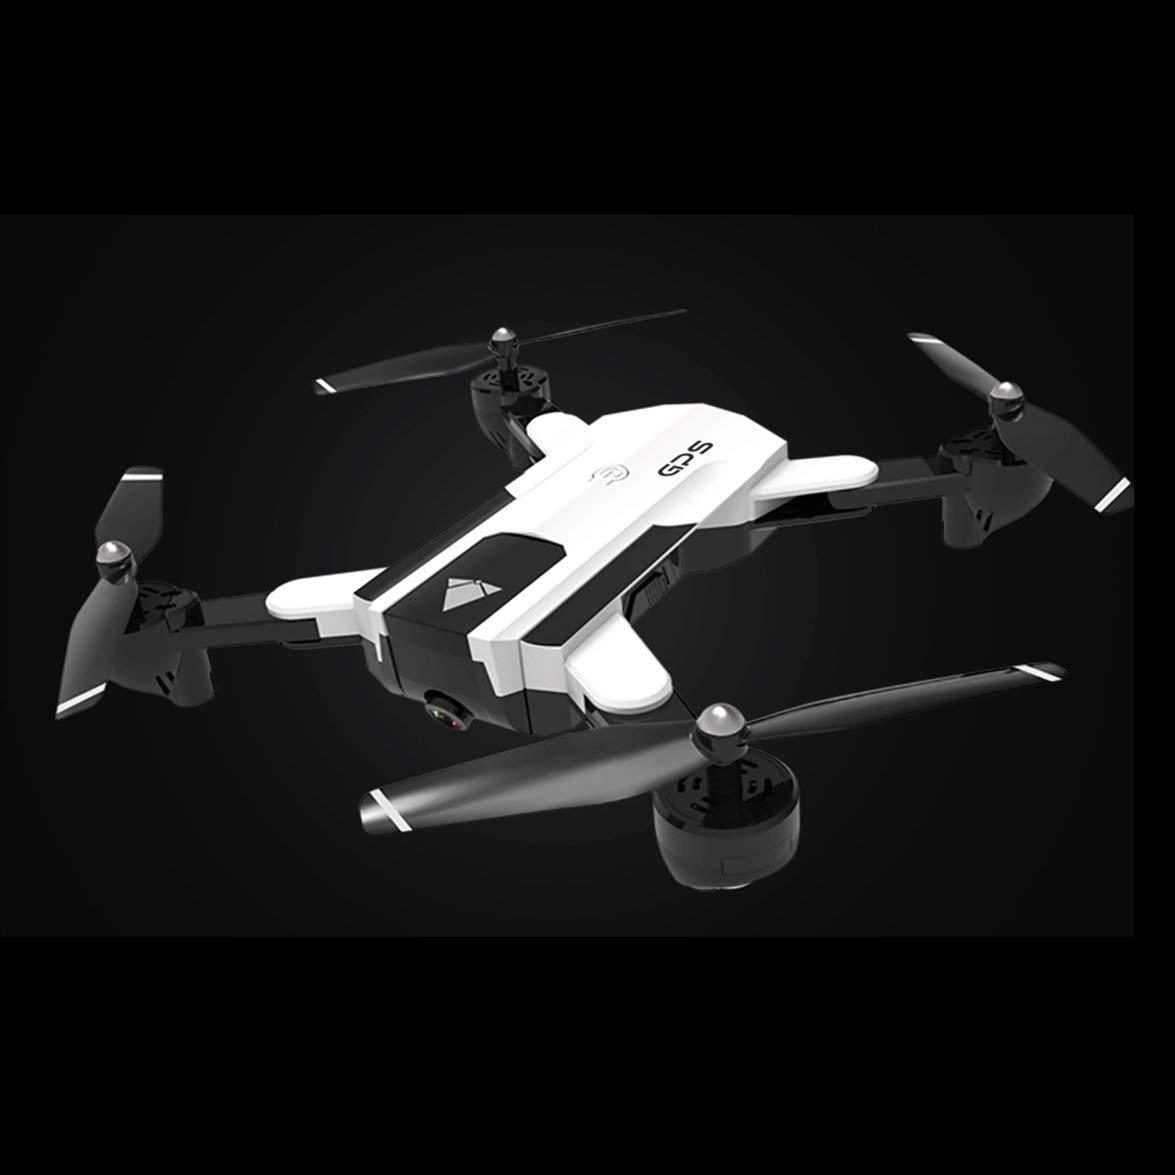 precios razonables blancoo Kongqiabona 3 Batería Cámara de Alta definición Control de de de altitud SIGA SG900-S 2.4G RC Drone Selfie GPS Inteligente Quadcopter FPV con 1080P Una tecla de Retorno  alta calidad general